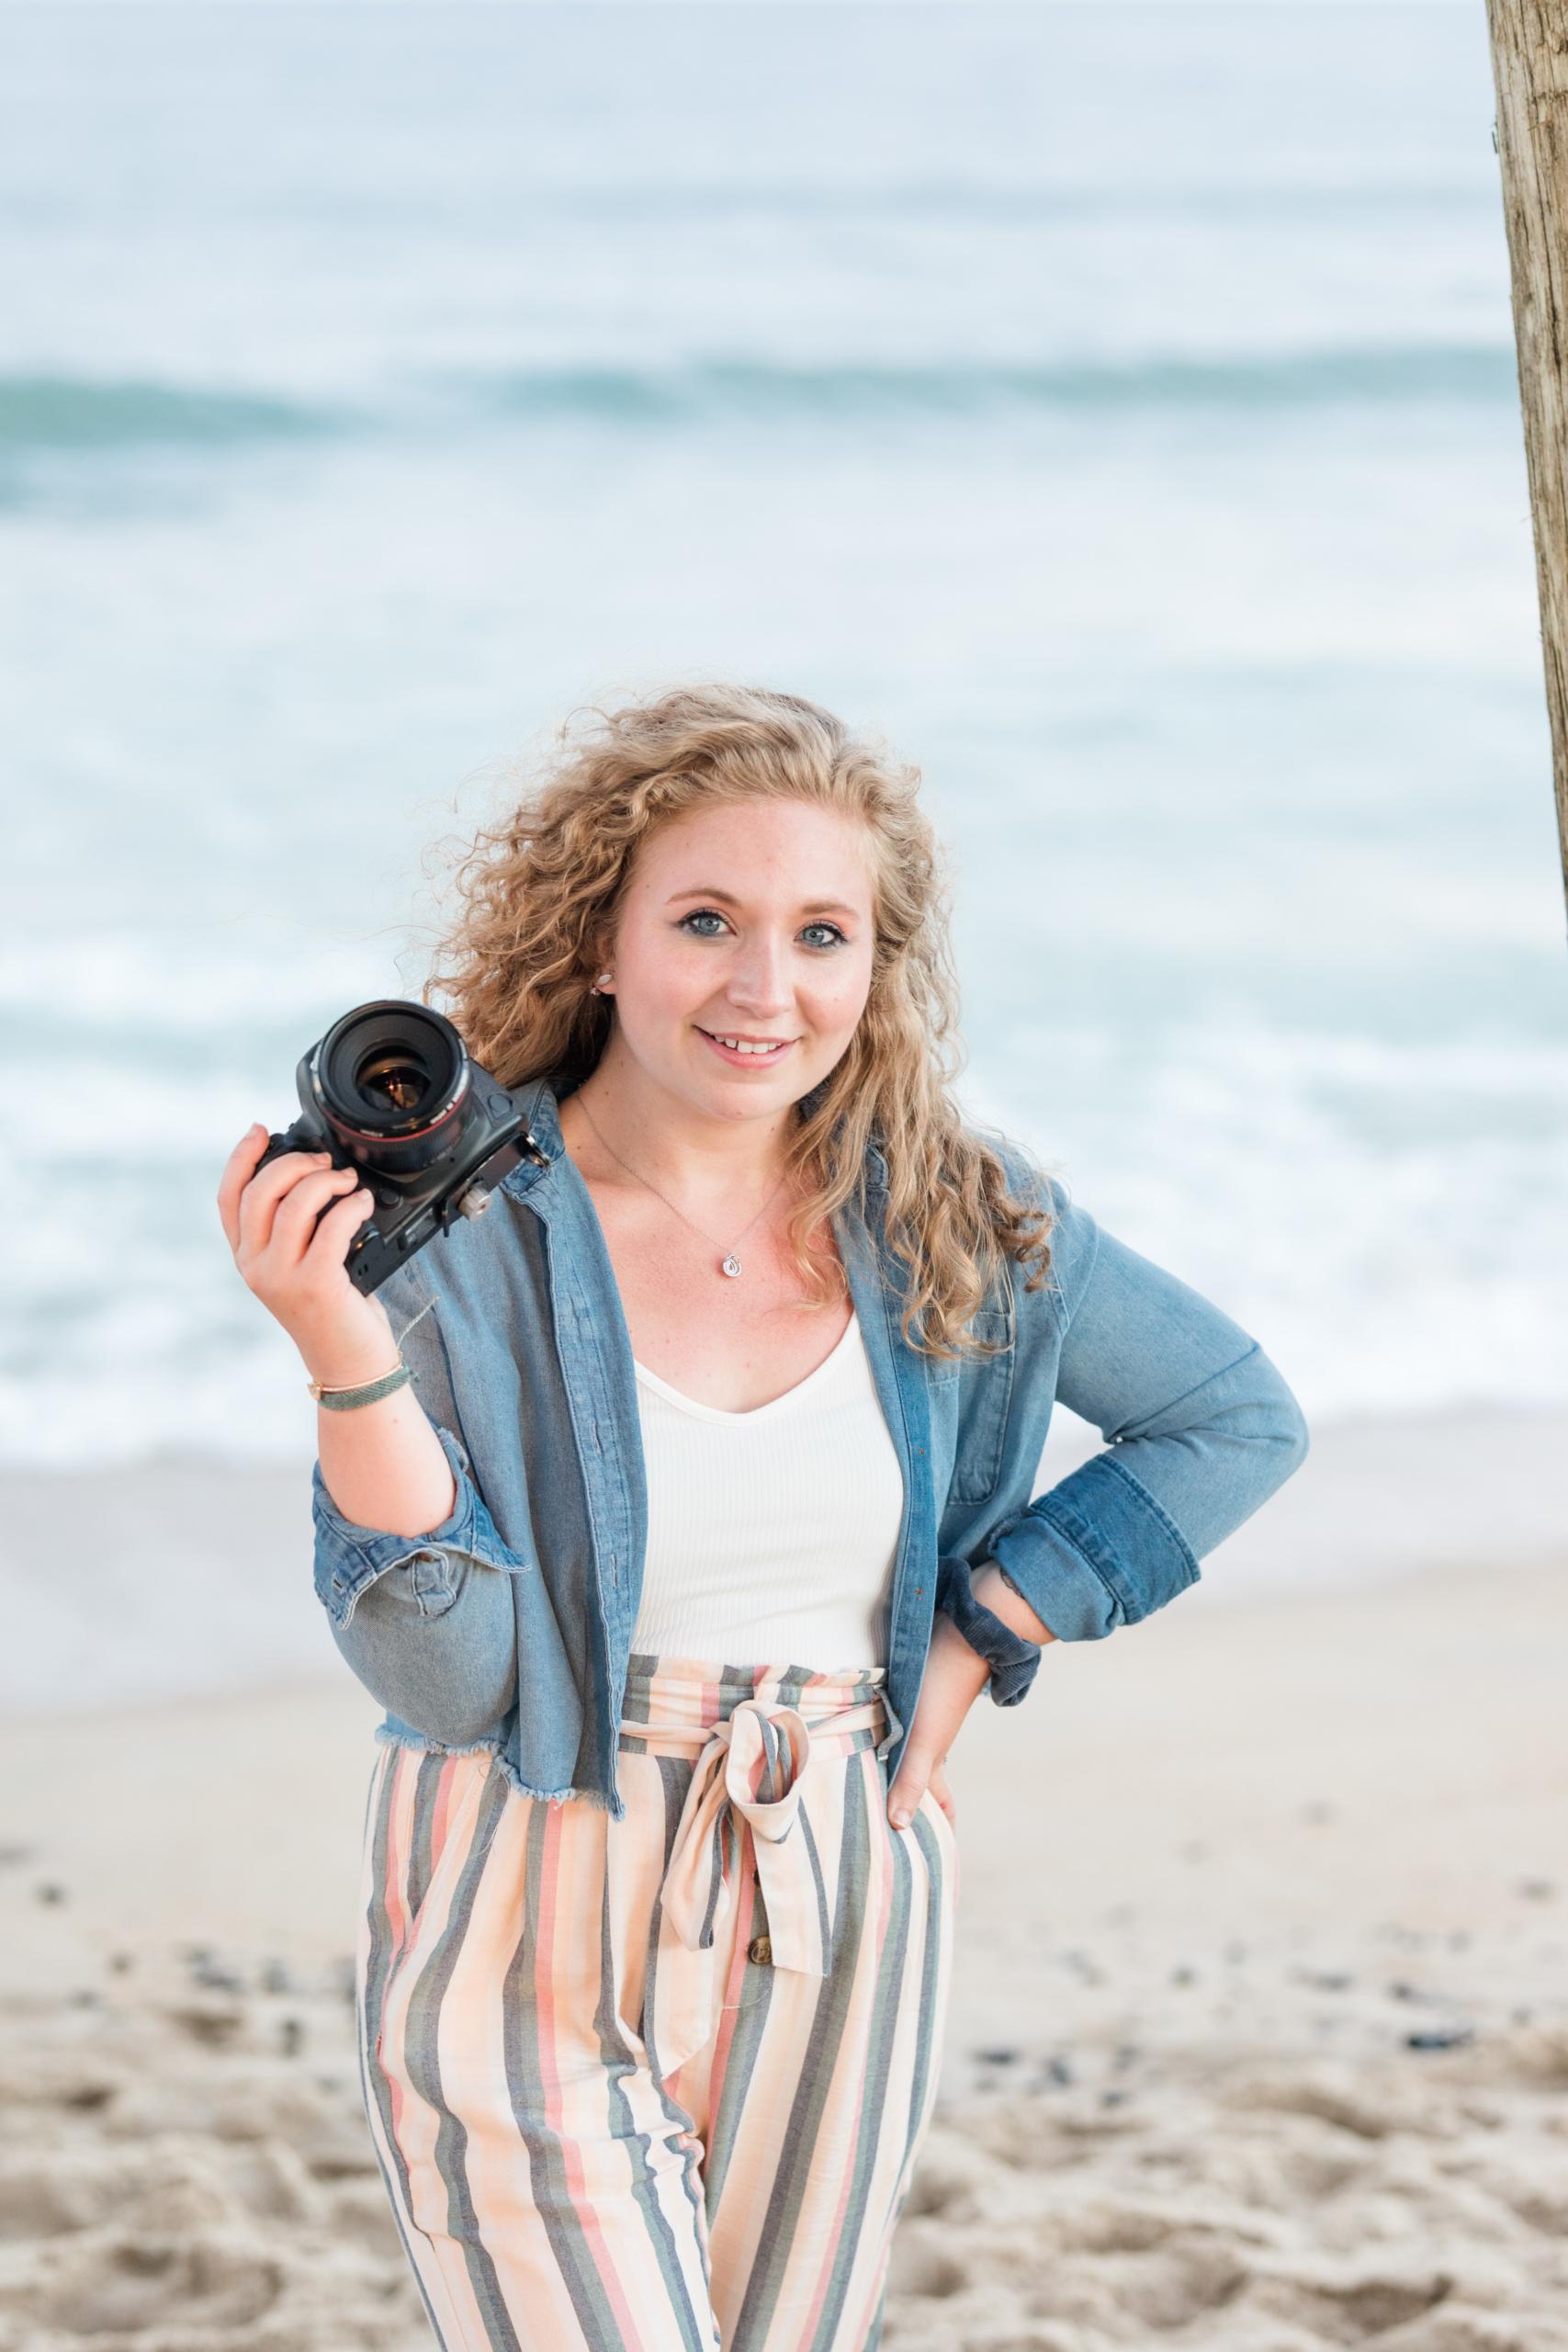 Casey Lebiedziewicz, Lead Photographer